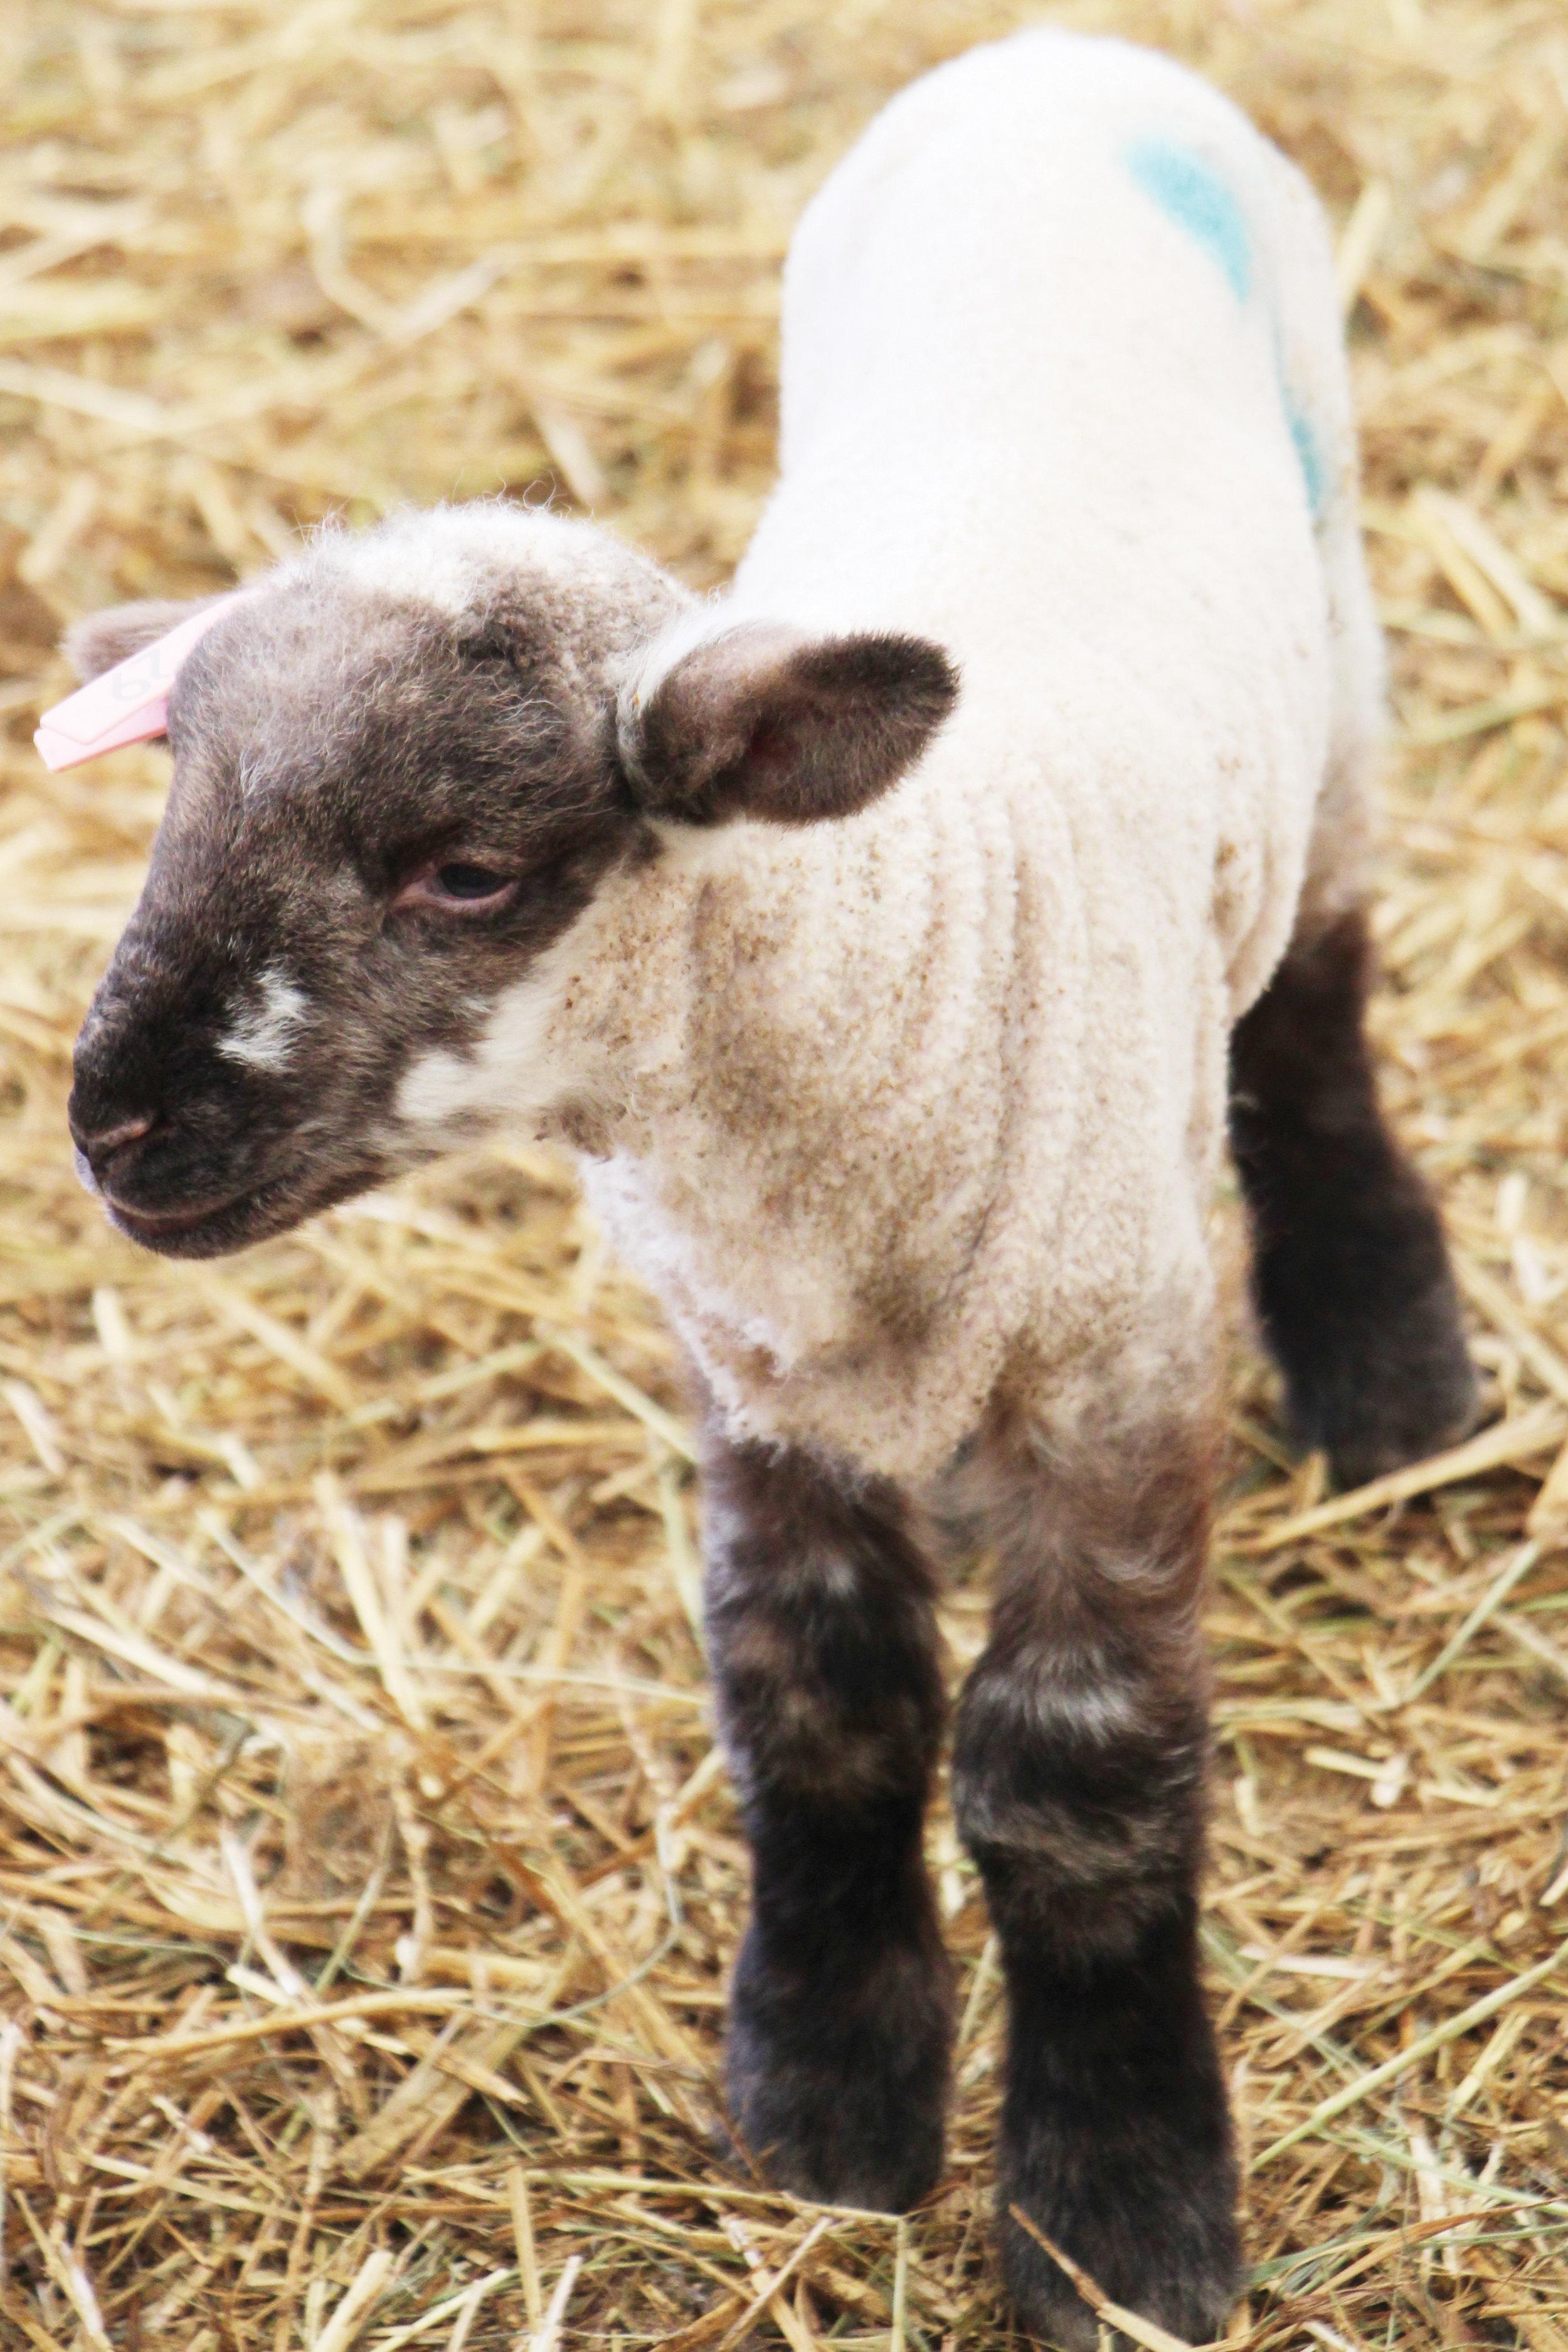 FF May 19 Wiggans Farm Pic 6.JPG